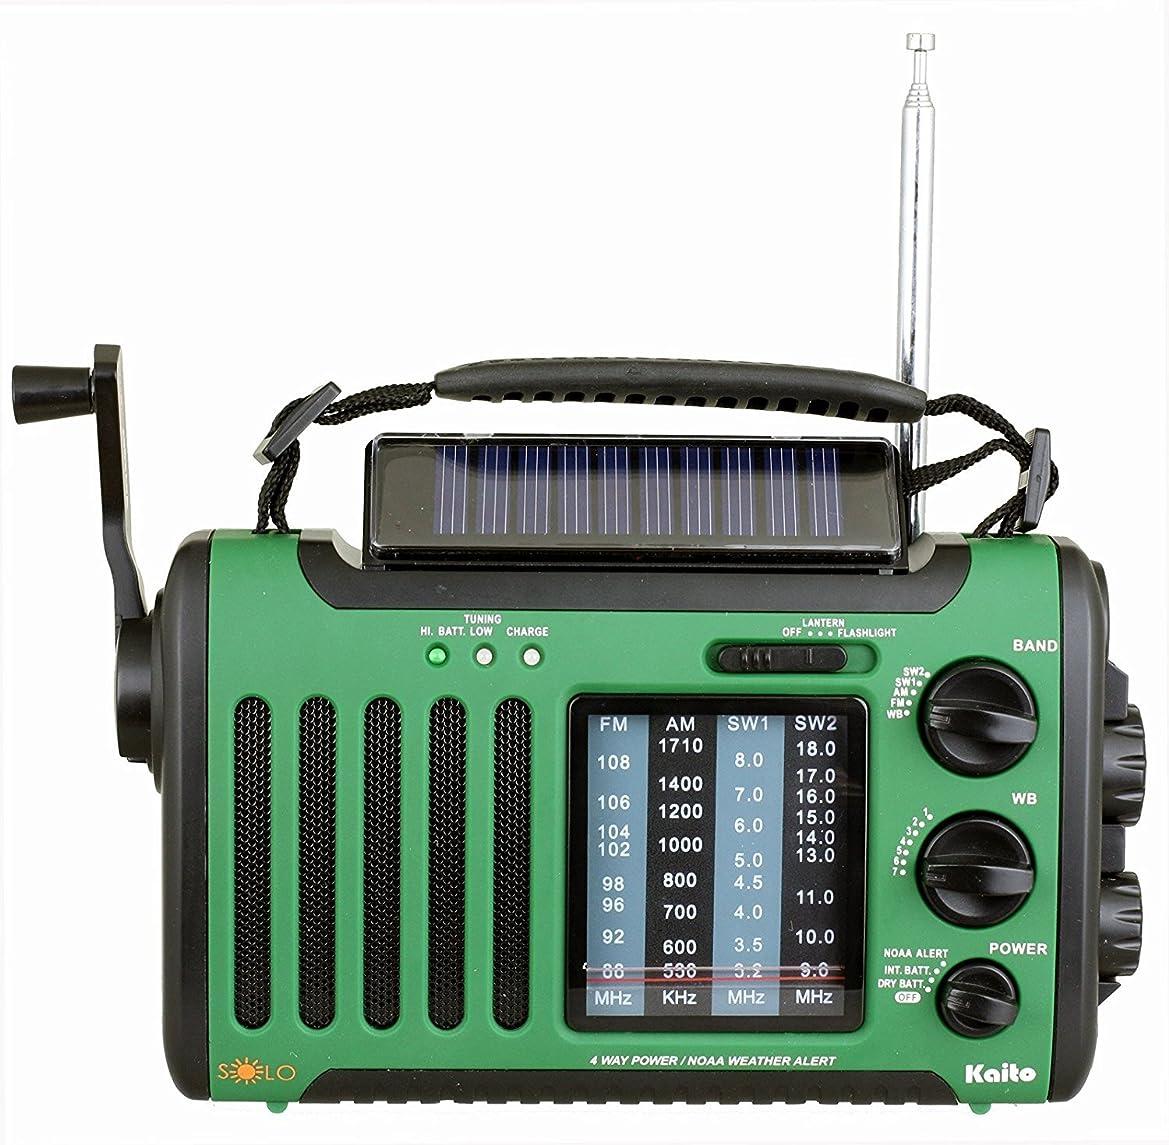 まあショルダースカーフKaito Voyager Solo KA450 Solar/Dynamo AM/FM//SW & NOAA Weather Emergency Radio with Alert & Cell Phone Charger, Jeep Style,Color Green by Kaito